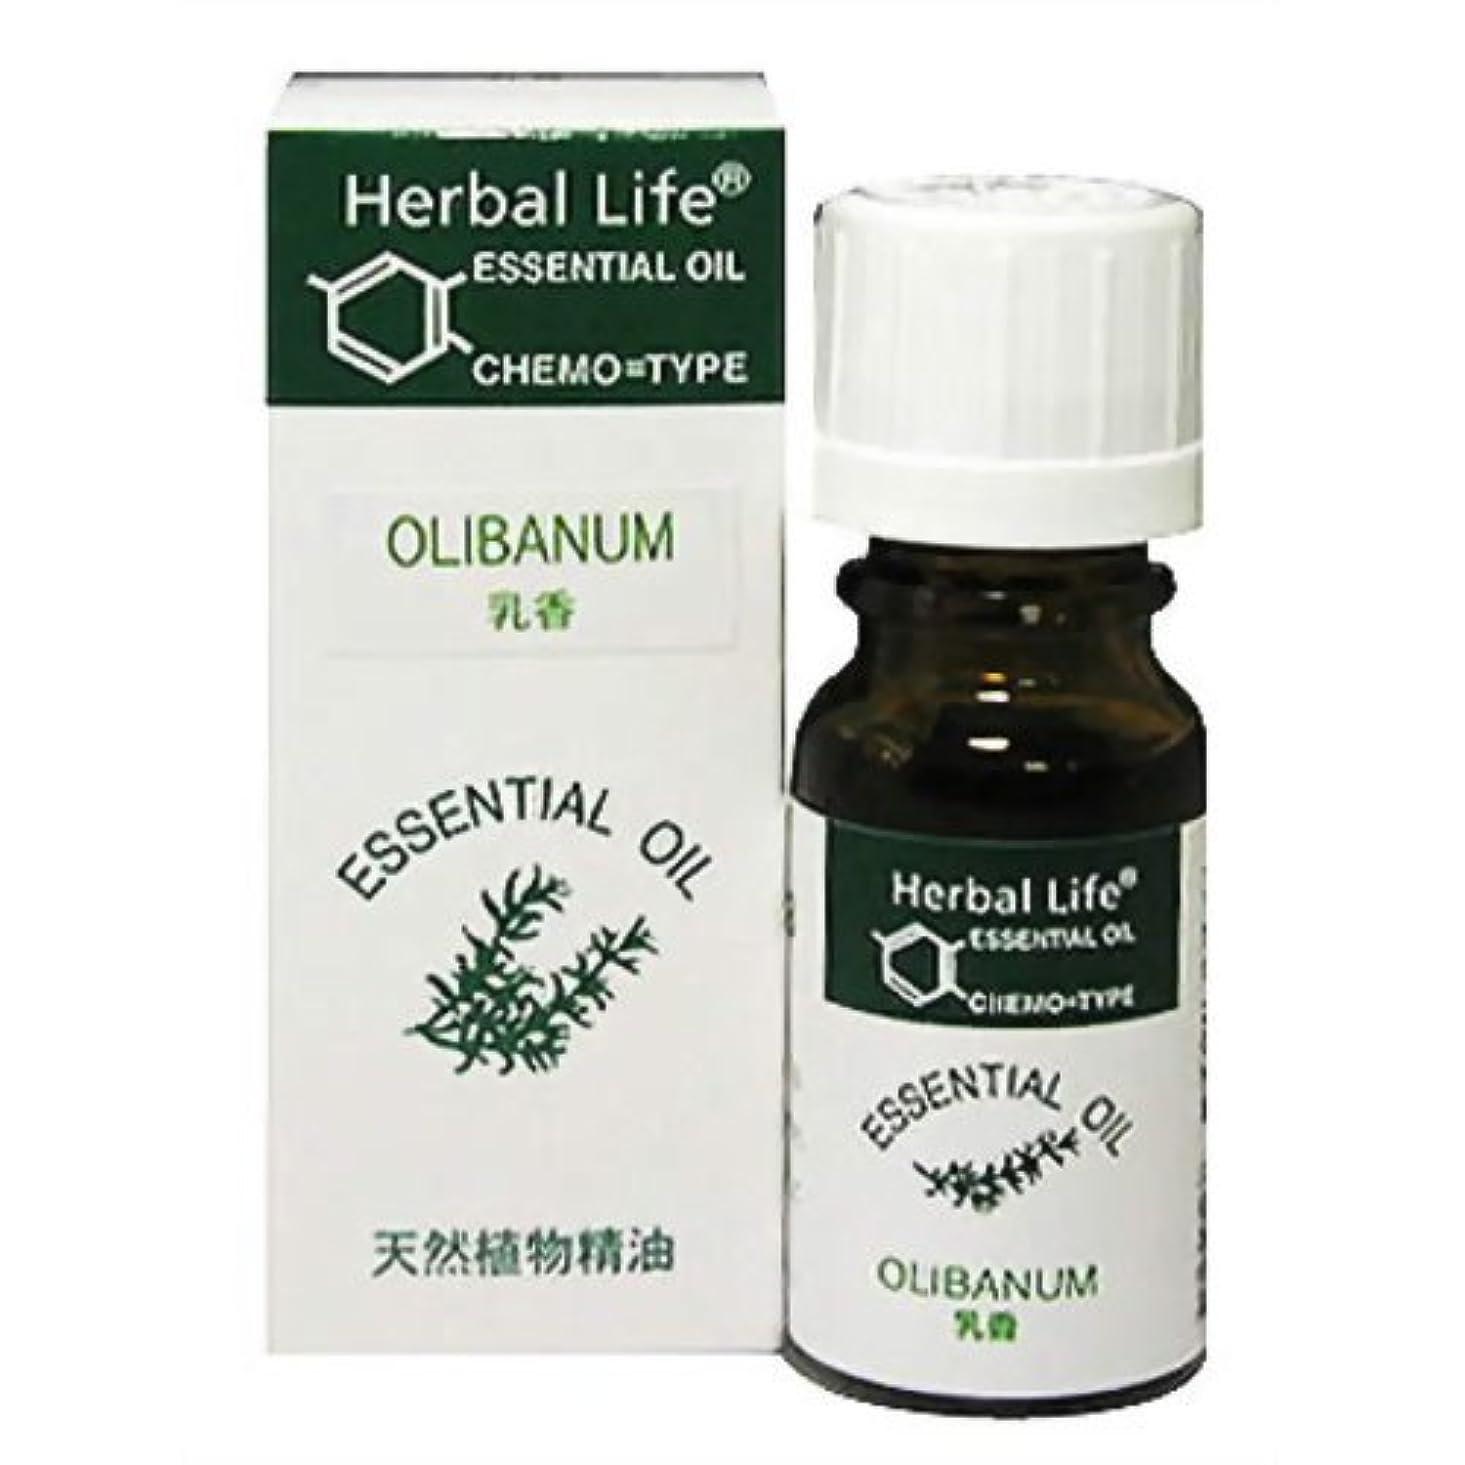 ルー構造的保険生活の木 Herbal Life オリバナム(乳香?フランキンセンス) 10ml